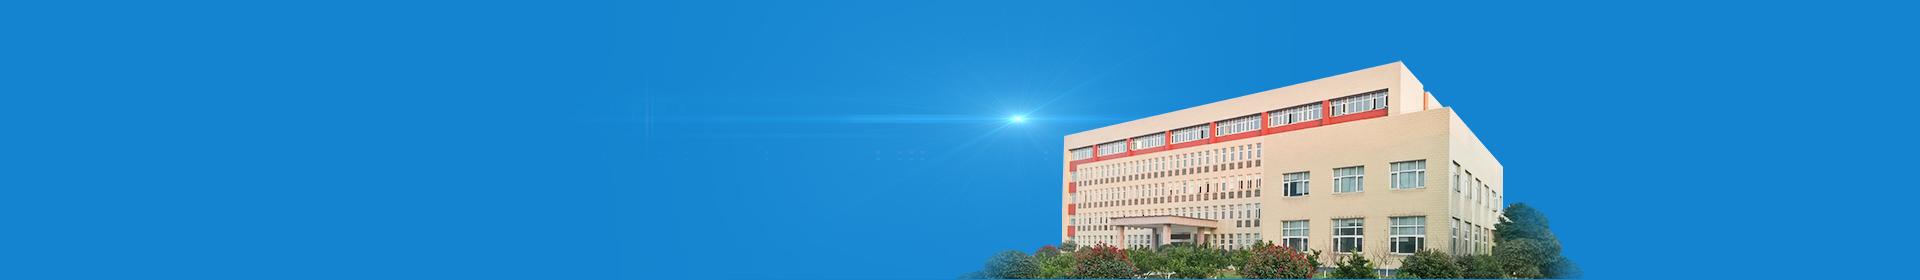 棱镜加密软件签约武汉菱电汽车电控系统股份有限公司